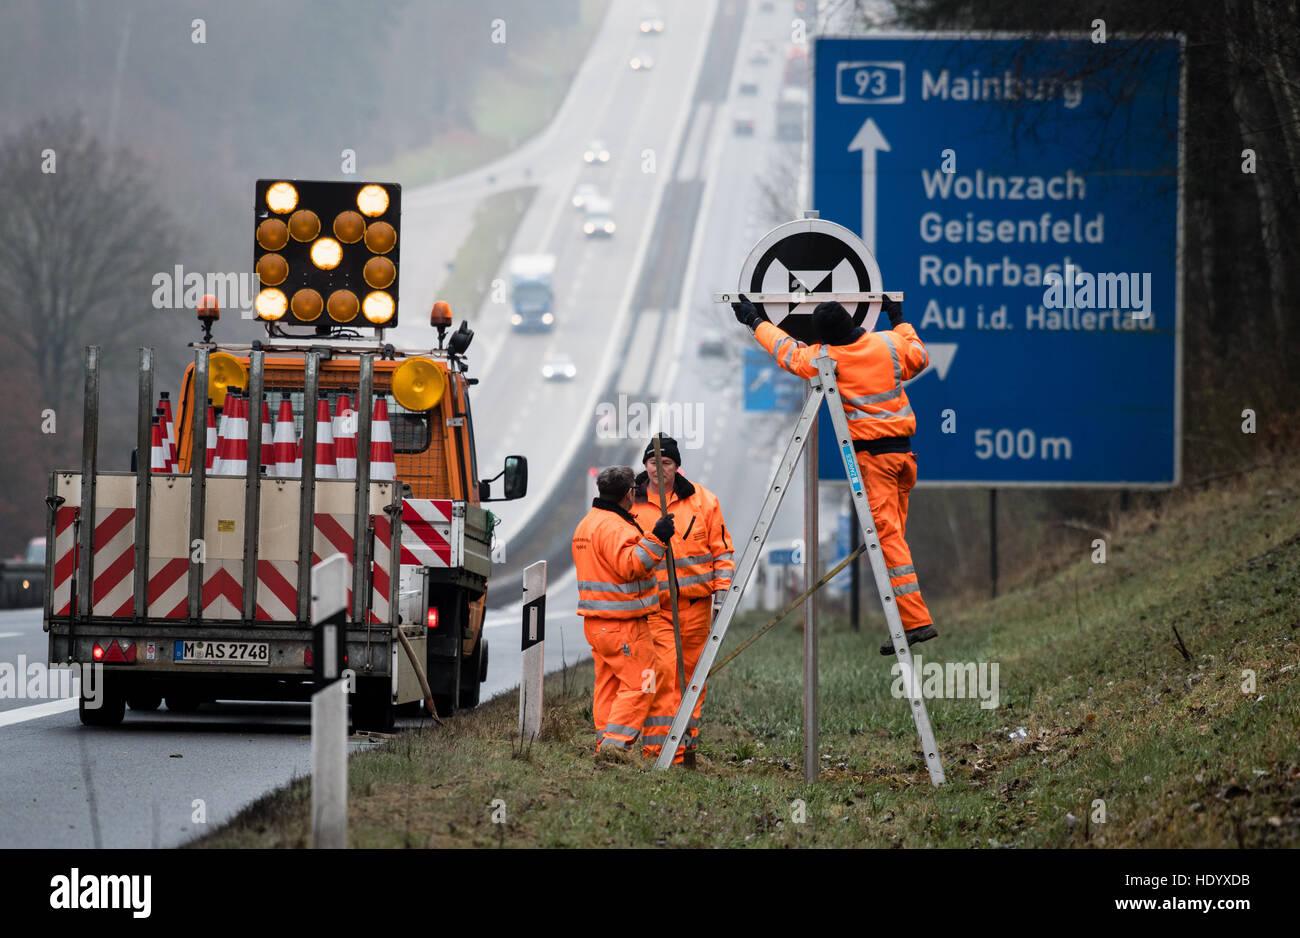 Wolnzach, Germania. 15 Dic, 2016. I lavori di manutenzione stradale lavoratori dal Autobahnmeisterei Ingolstadt Immagini Stock